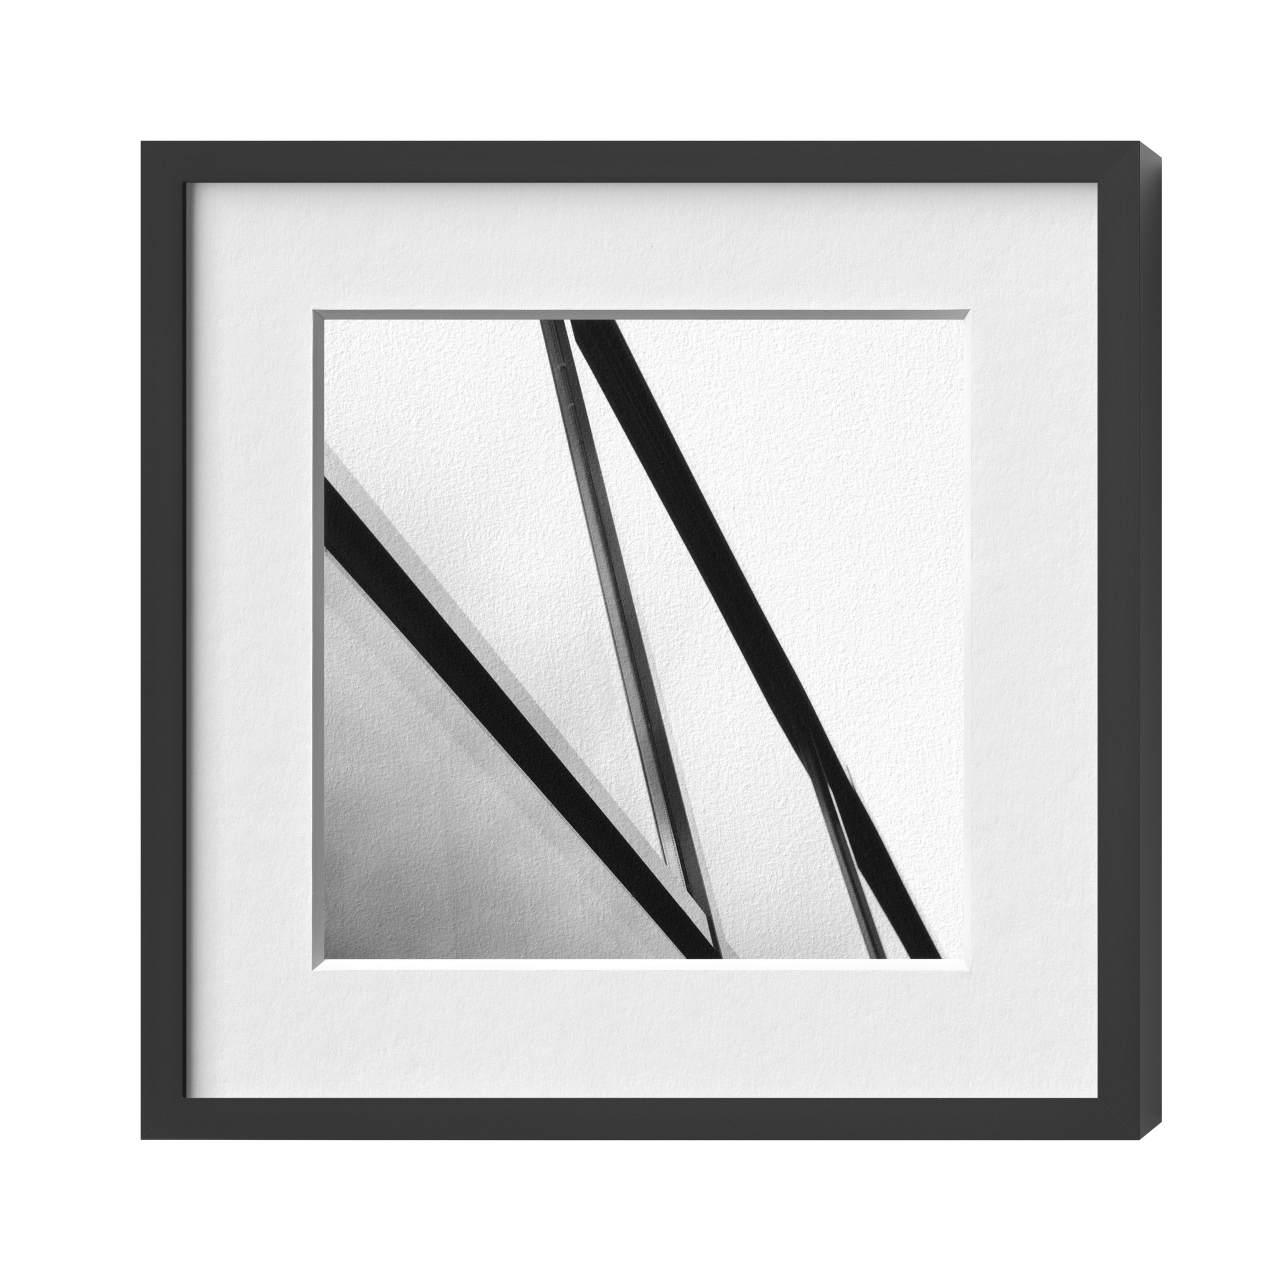 Bilderrahmen 100x140 cm online kaufen | HALBE-Rahmen.de